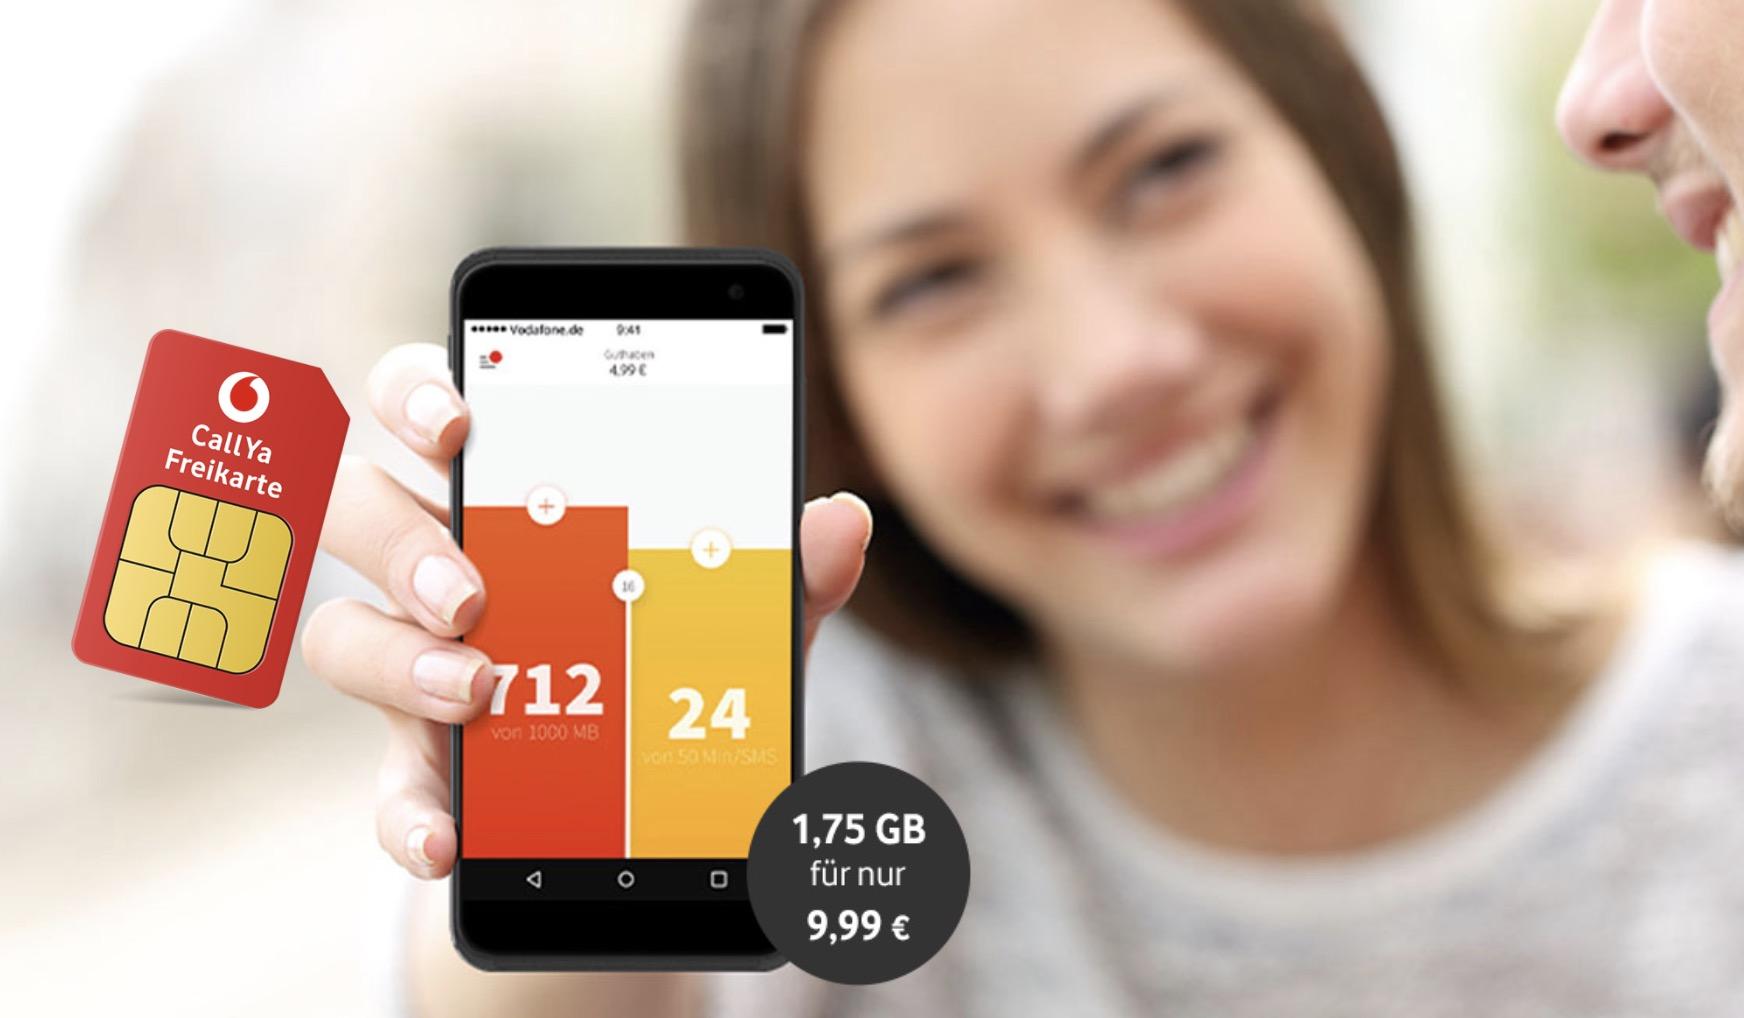 vodafone callya flex app weiterhin mit problemen. Black Bedroom Furniture Sets. Home Design Ideas